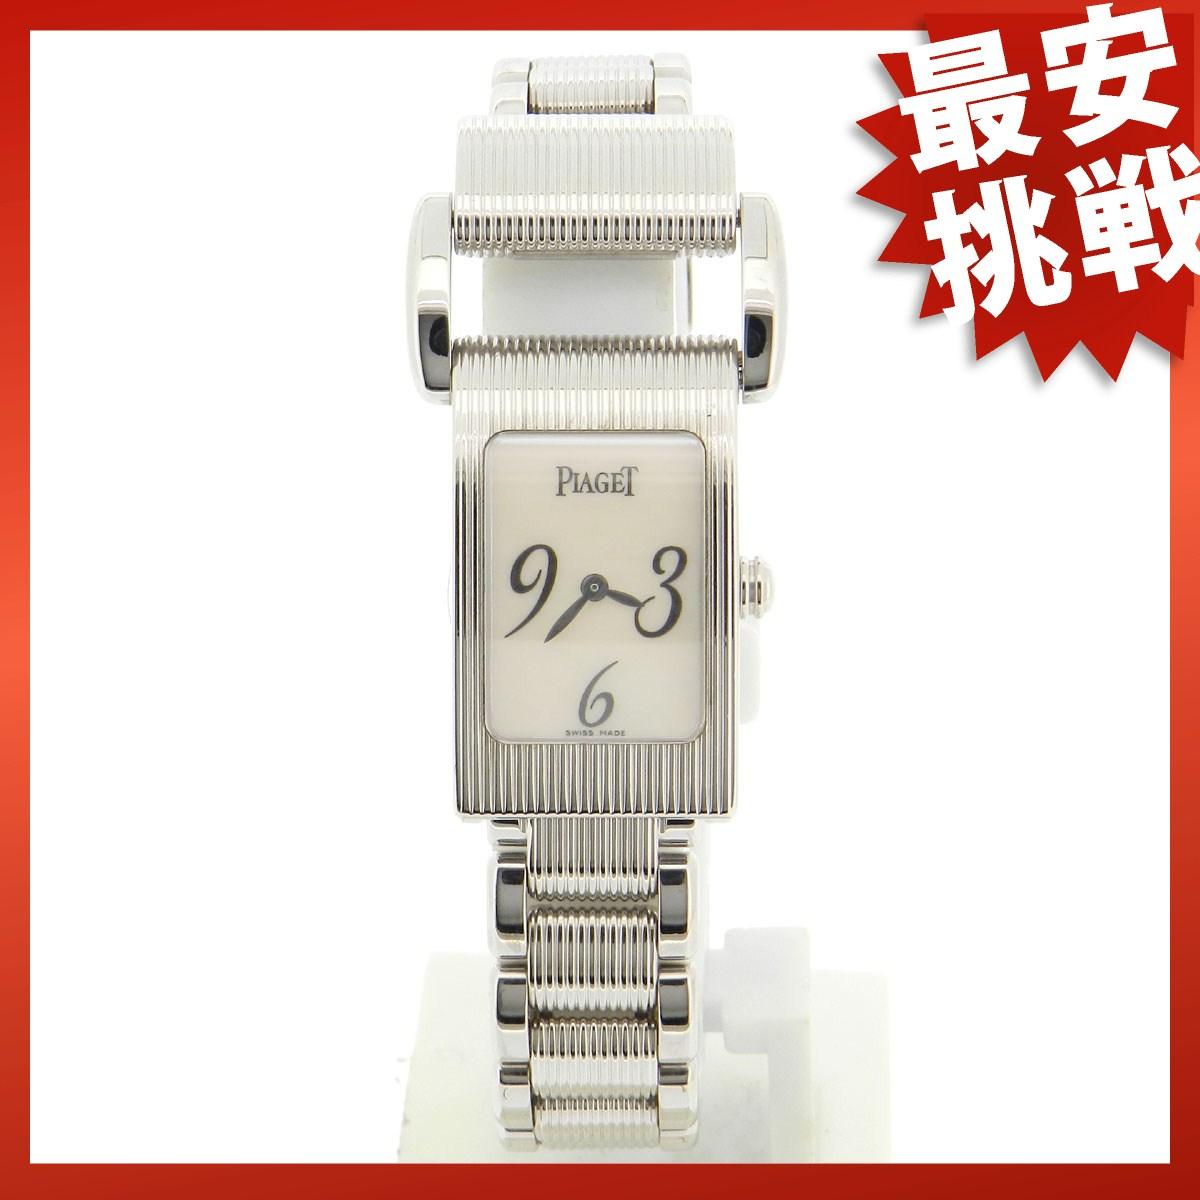 PIAGET【ピアジェ】ミスプロトコール アロンジェ 腕時計 K18WG レディース 【中古】